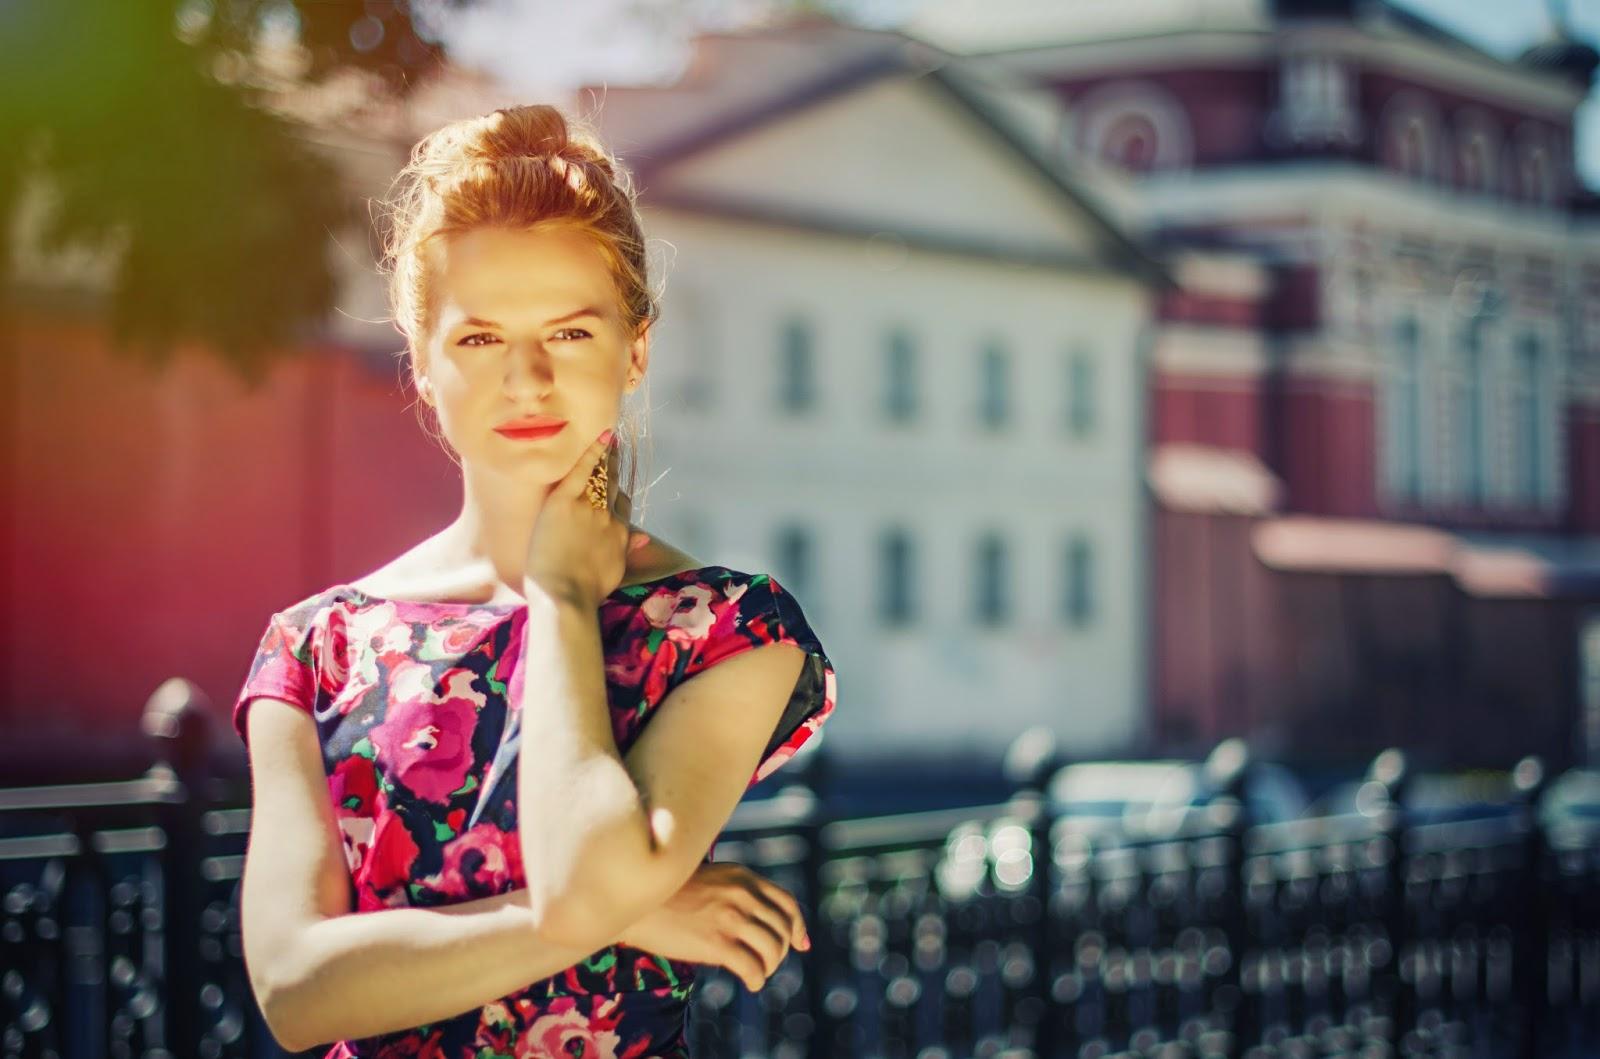 лучший блоггер, Ирина Павлова блоггер, летние луки,лучшие луки,летние платья